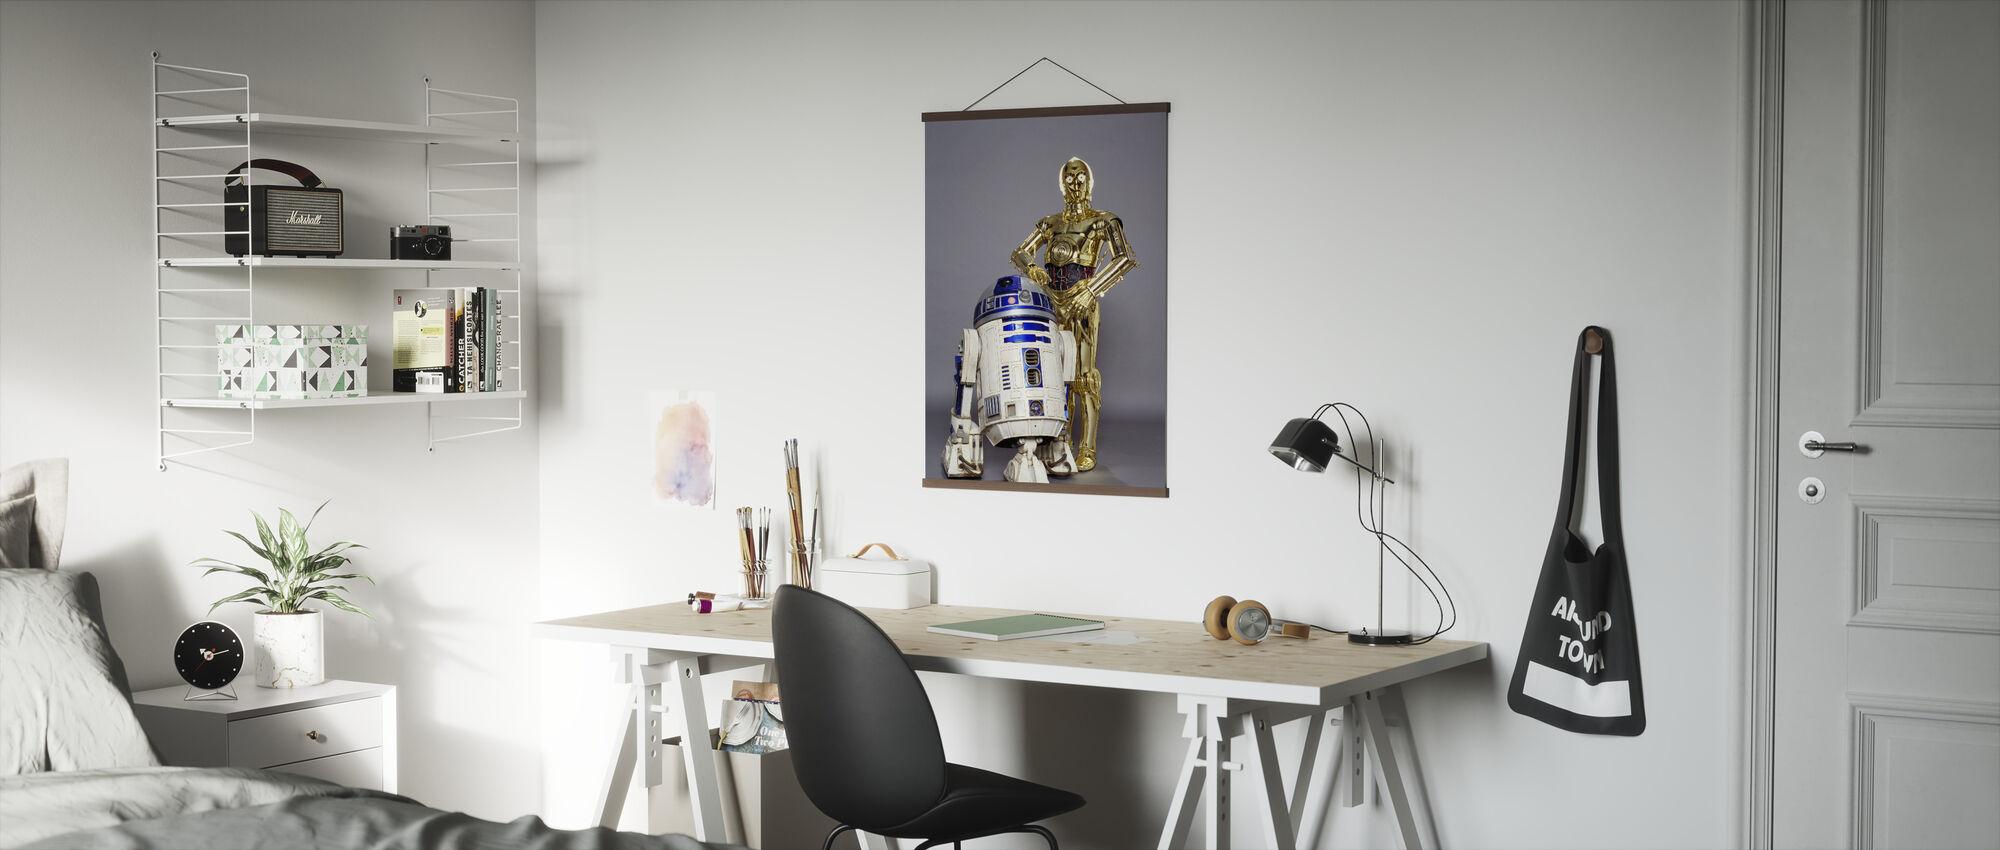 Star Wars - R2-D2 och C-3PO Studioshoot - Poster - Kontor